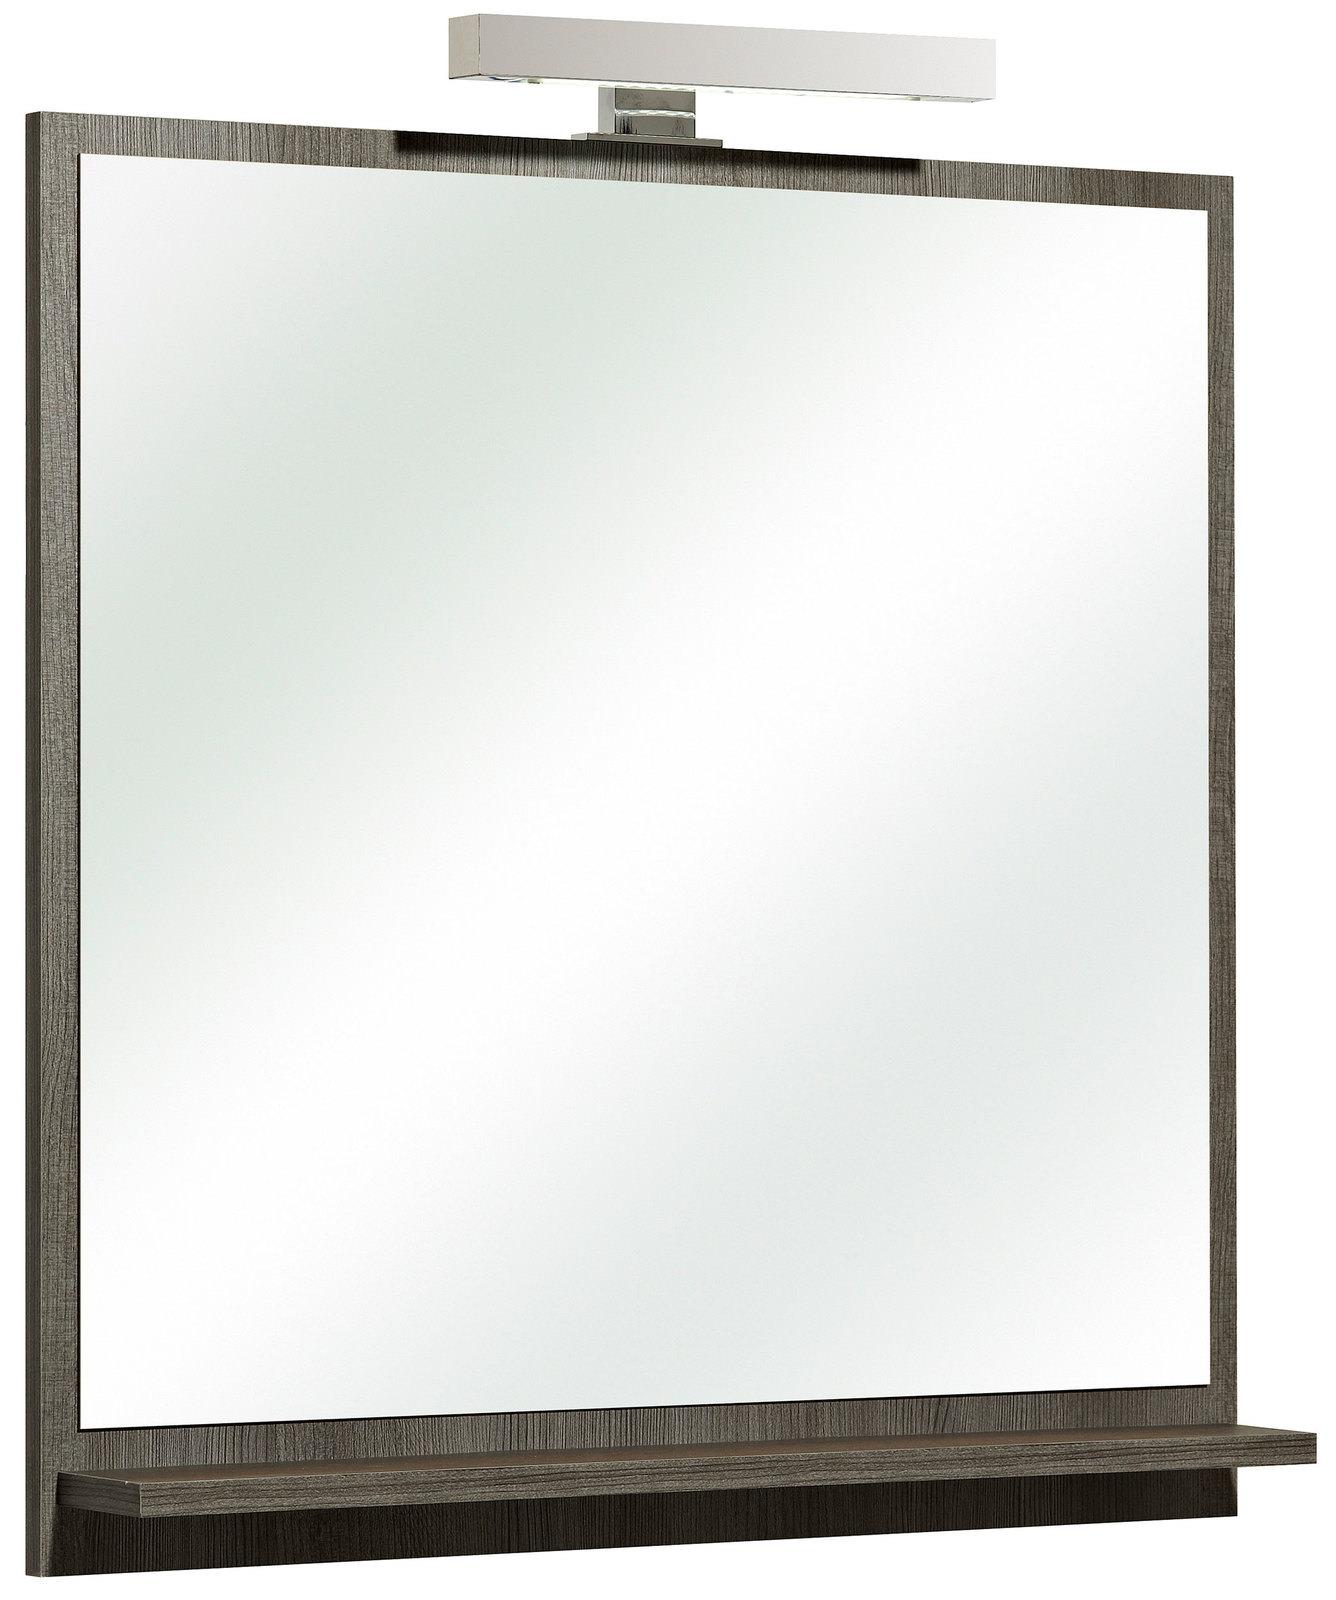 vito spiegel mit ablage online entdecken schaffrath ihr m belhaus. Black Bedroom Furniture Sets. Home Design Ideas